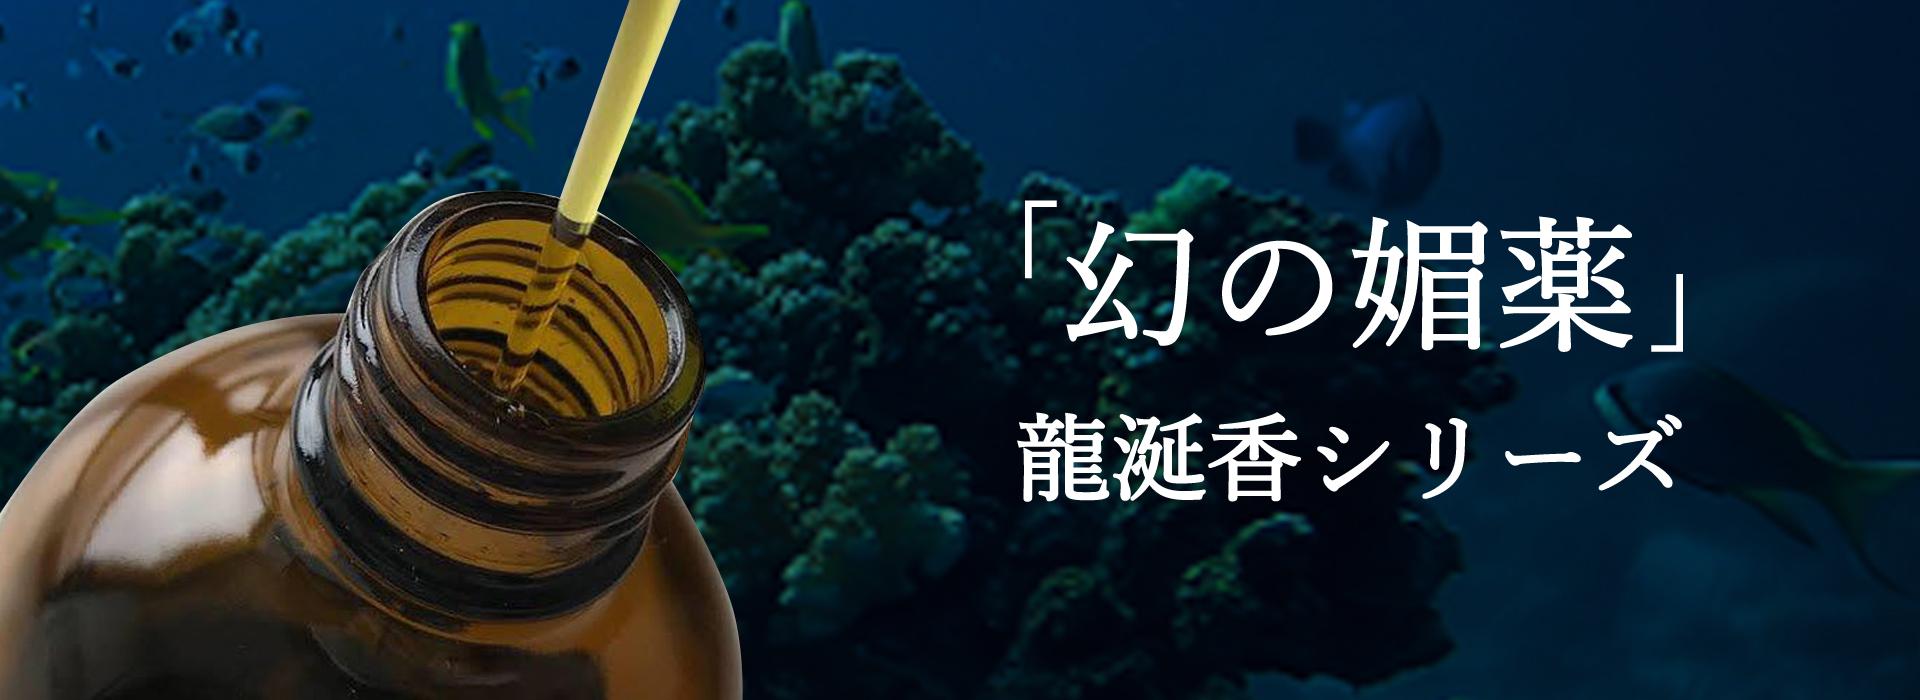 幻の媚薬〜龍涎香〜